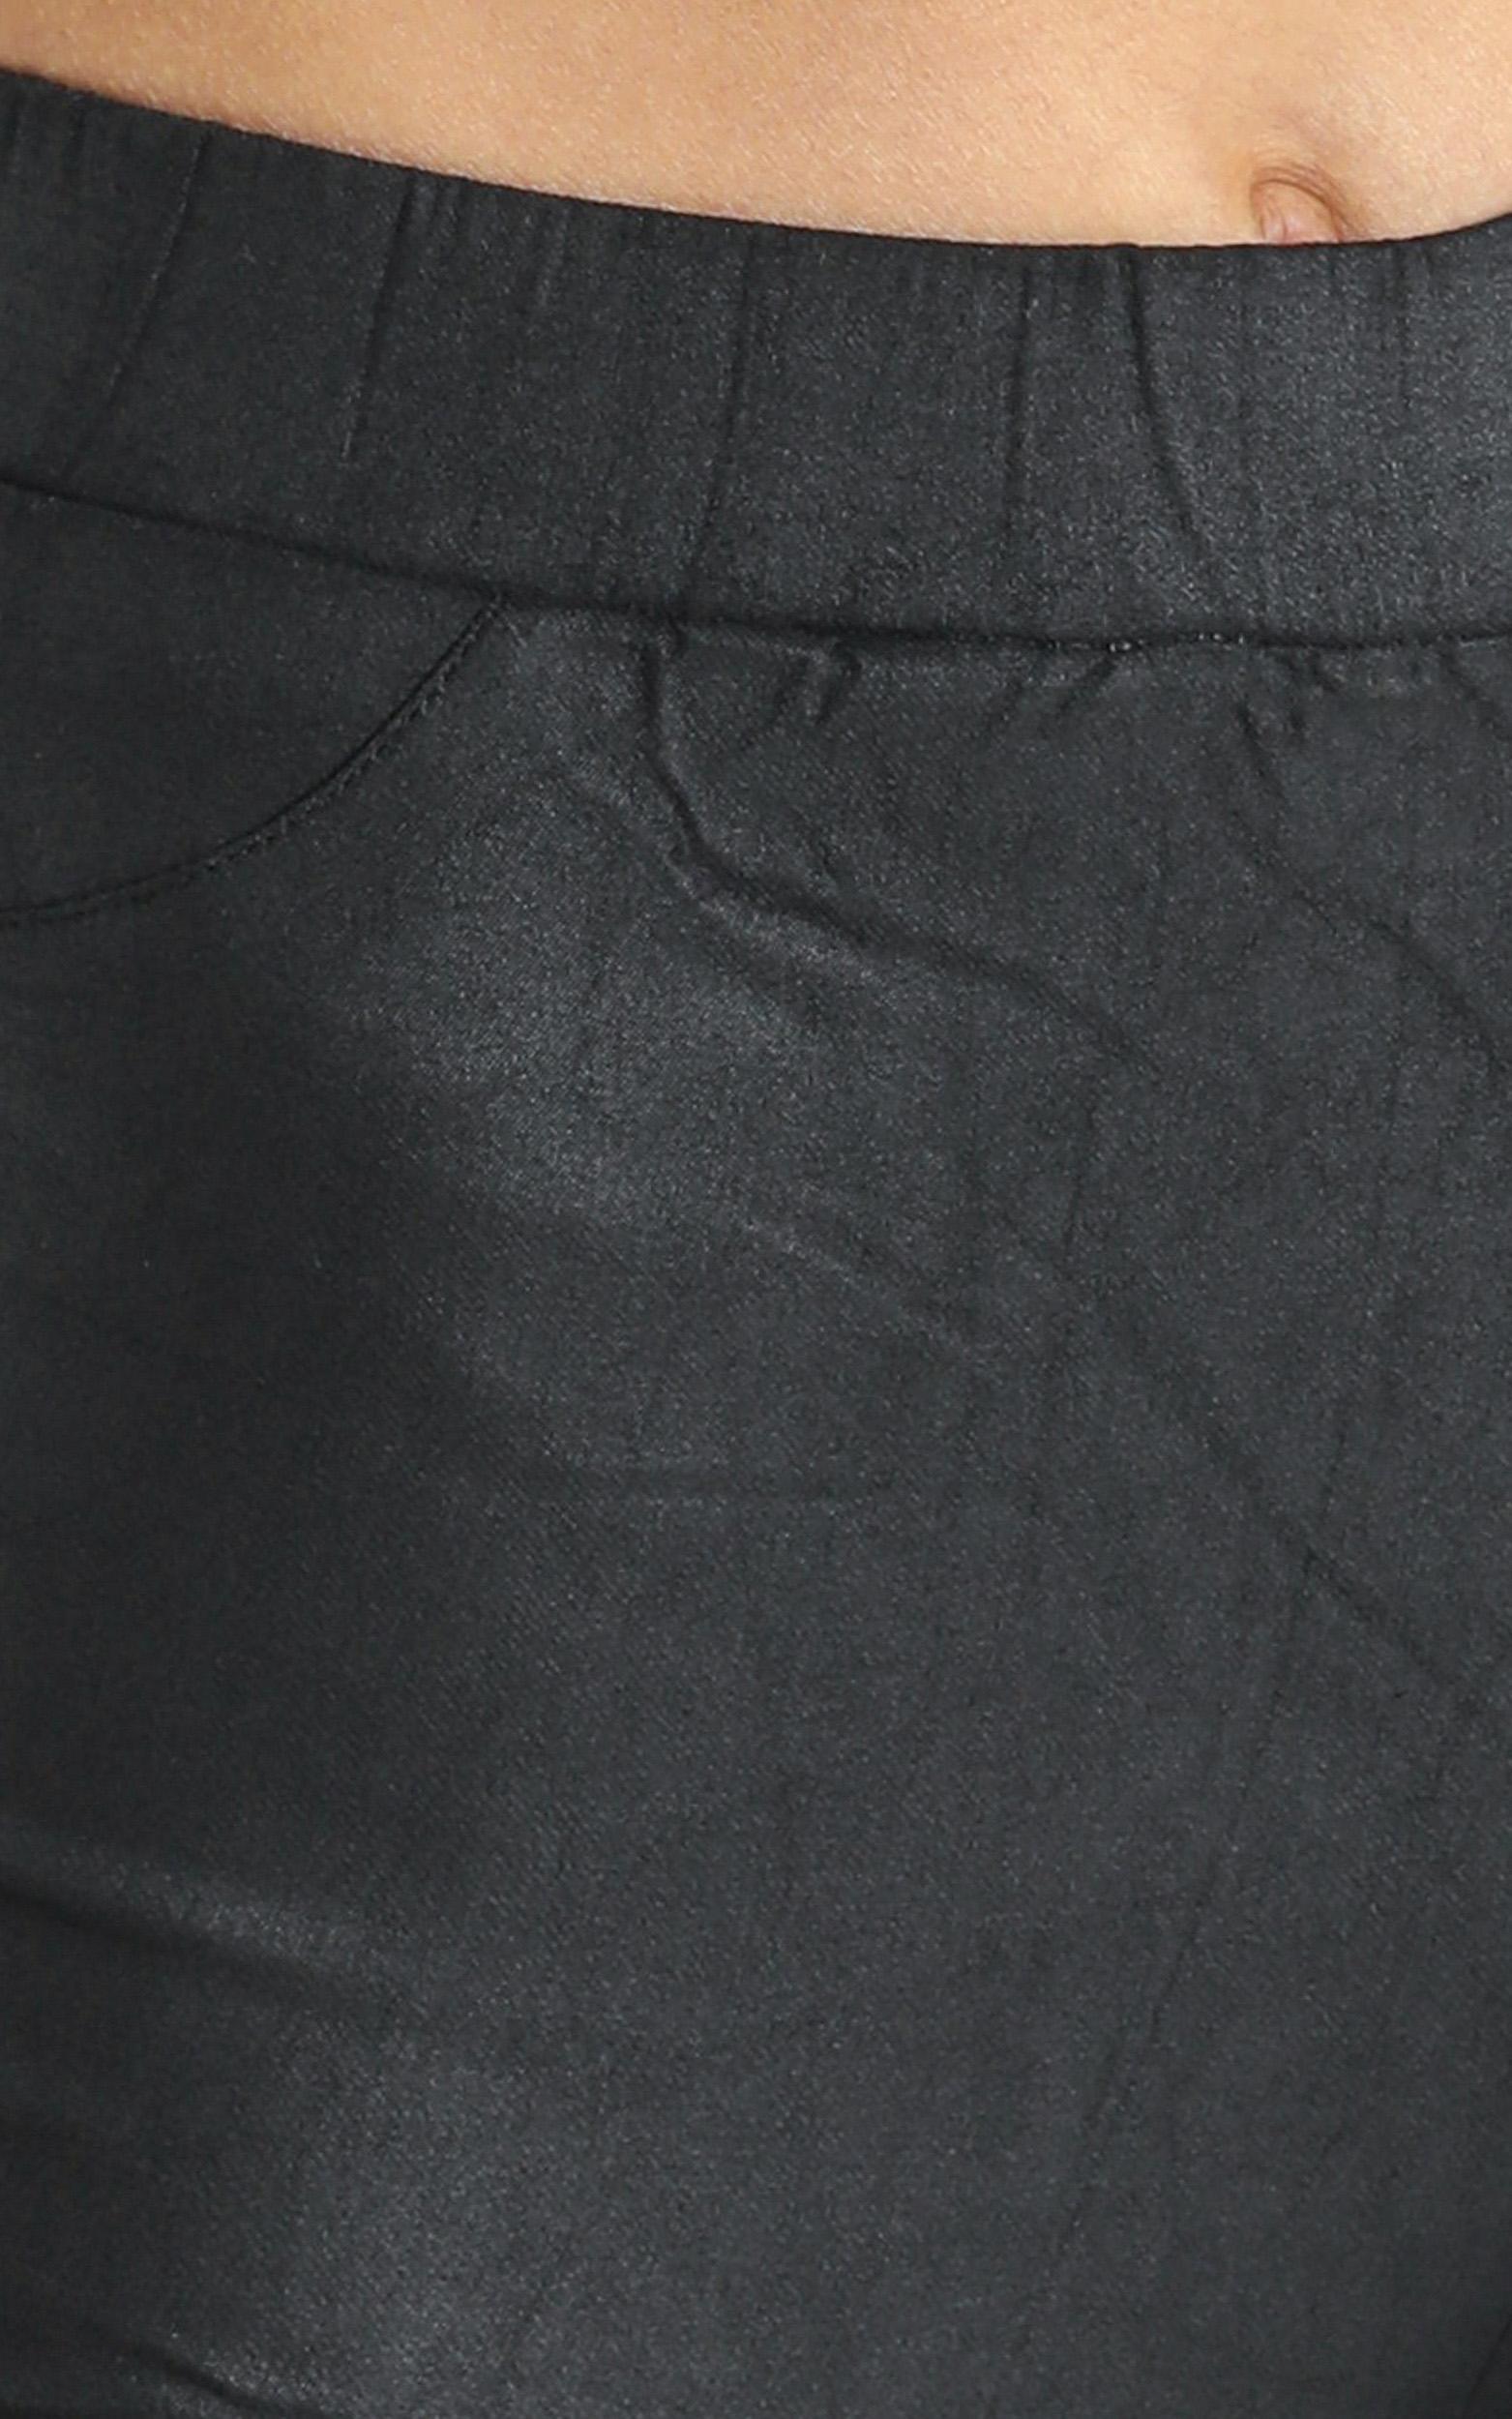 Keegan Pants in Black - 6 (XS), Black, hi-res image number null